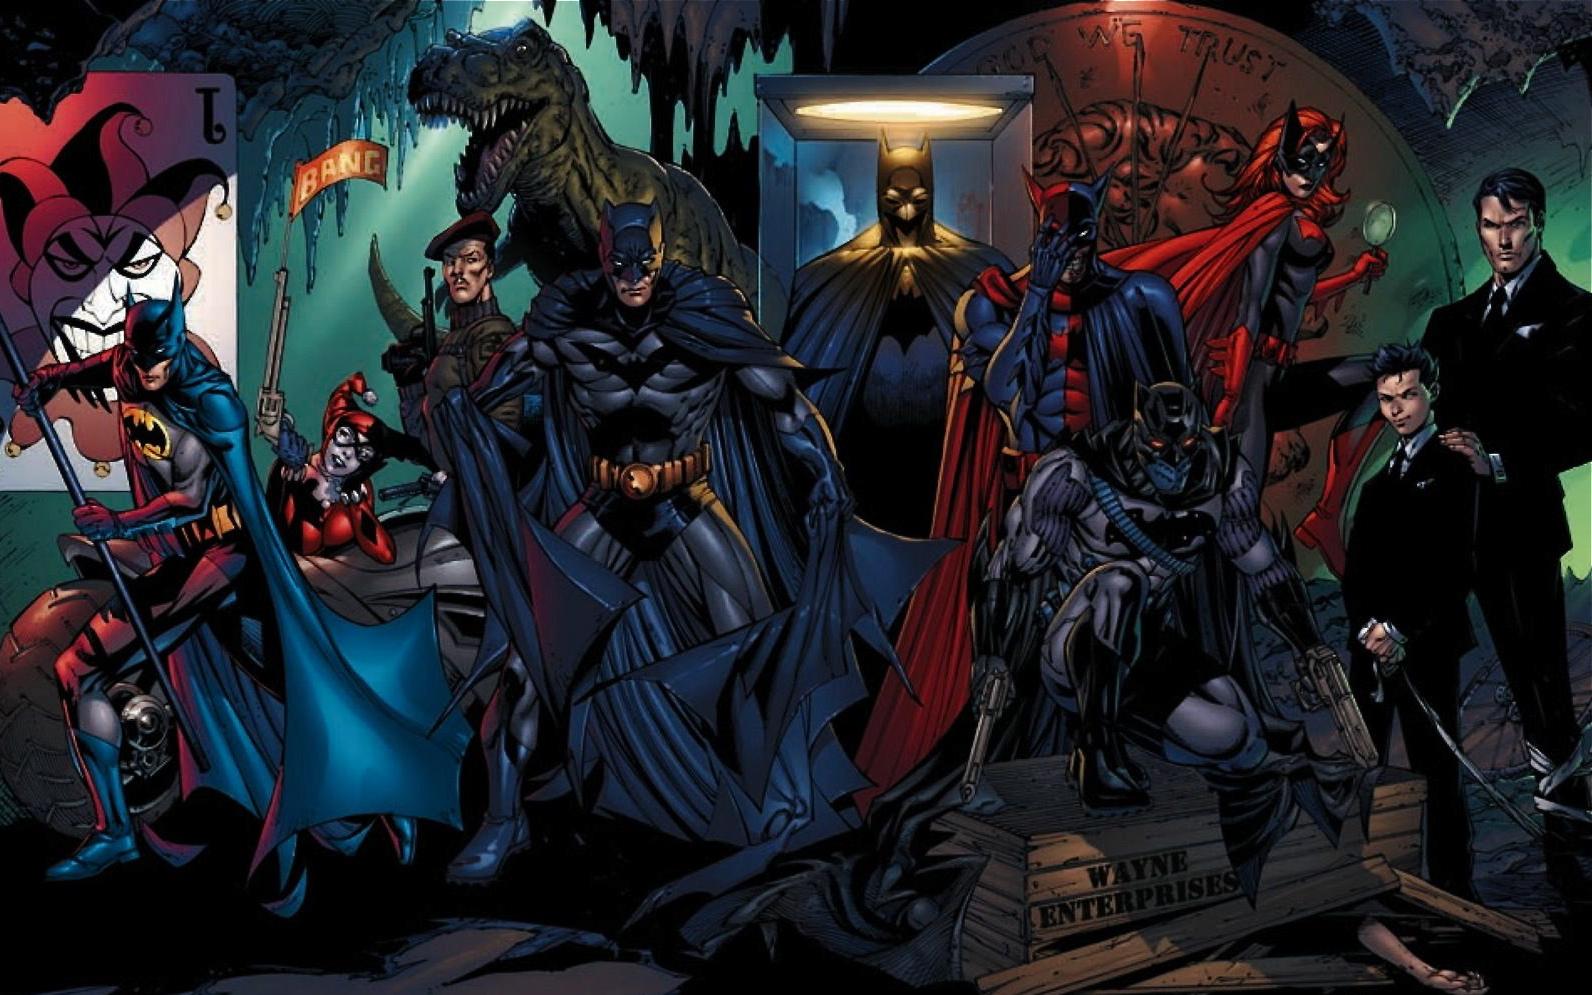 Batman Comic Wallpapers - WallpaperSafari Batman Comic Cover Wallpaper